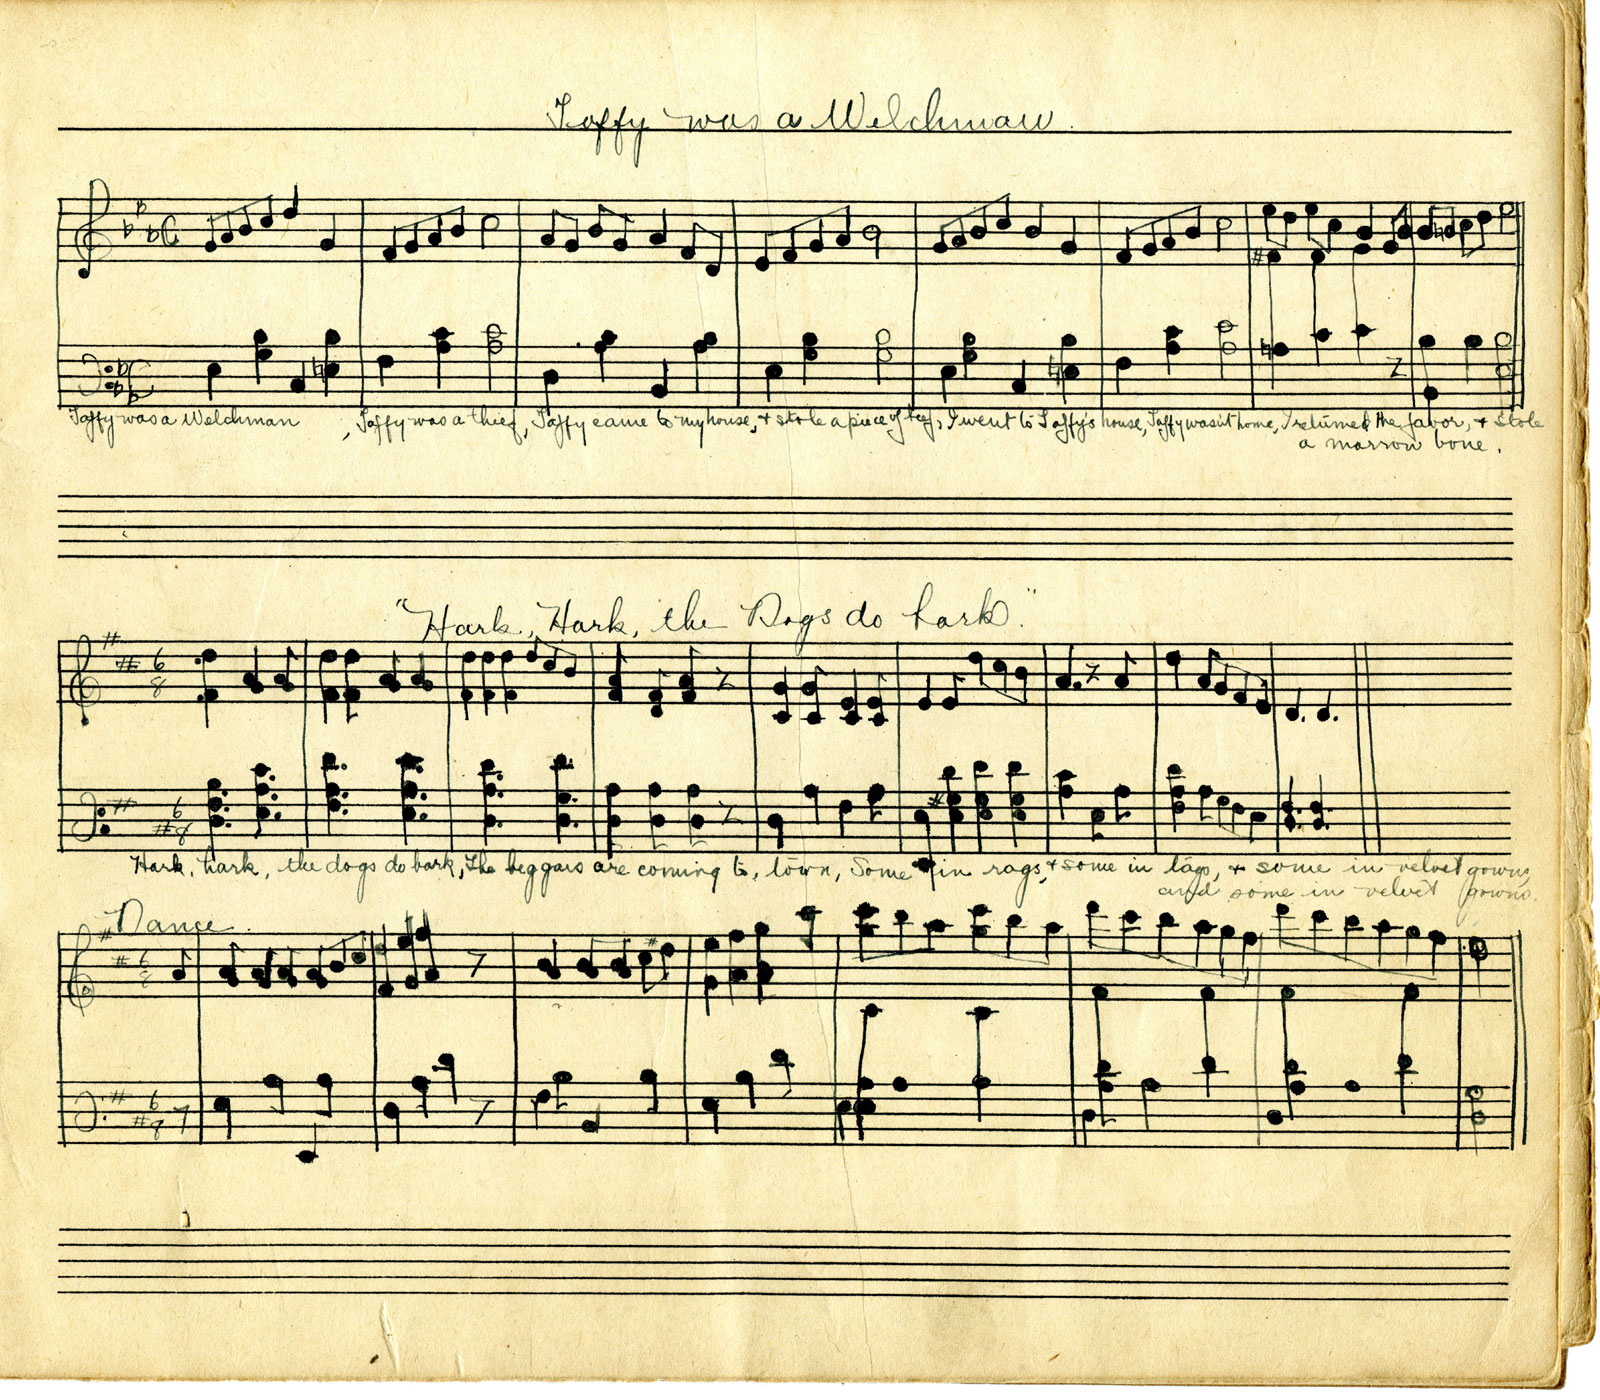 音符イラスト手書きの楽譜2 無料のフリー素材